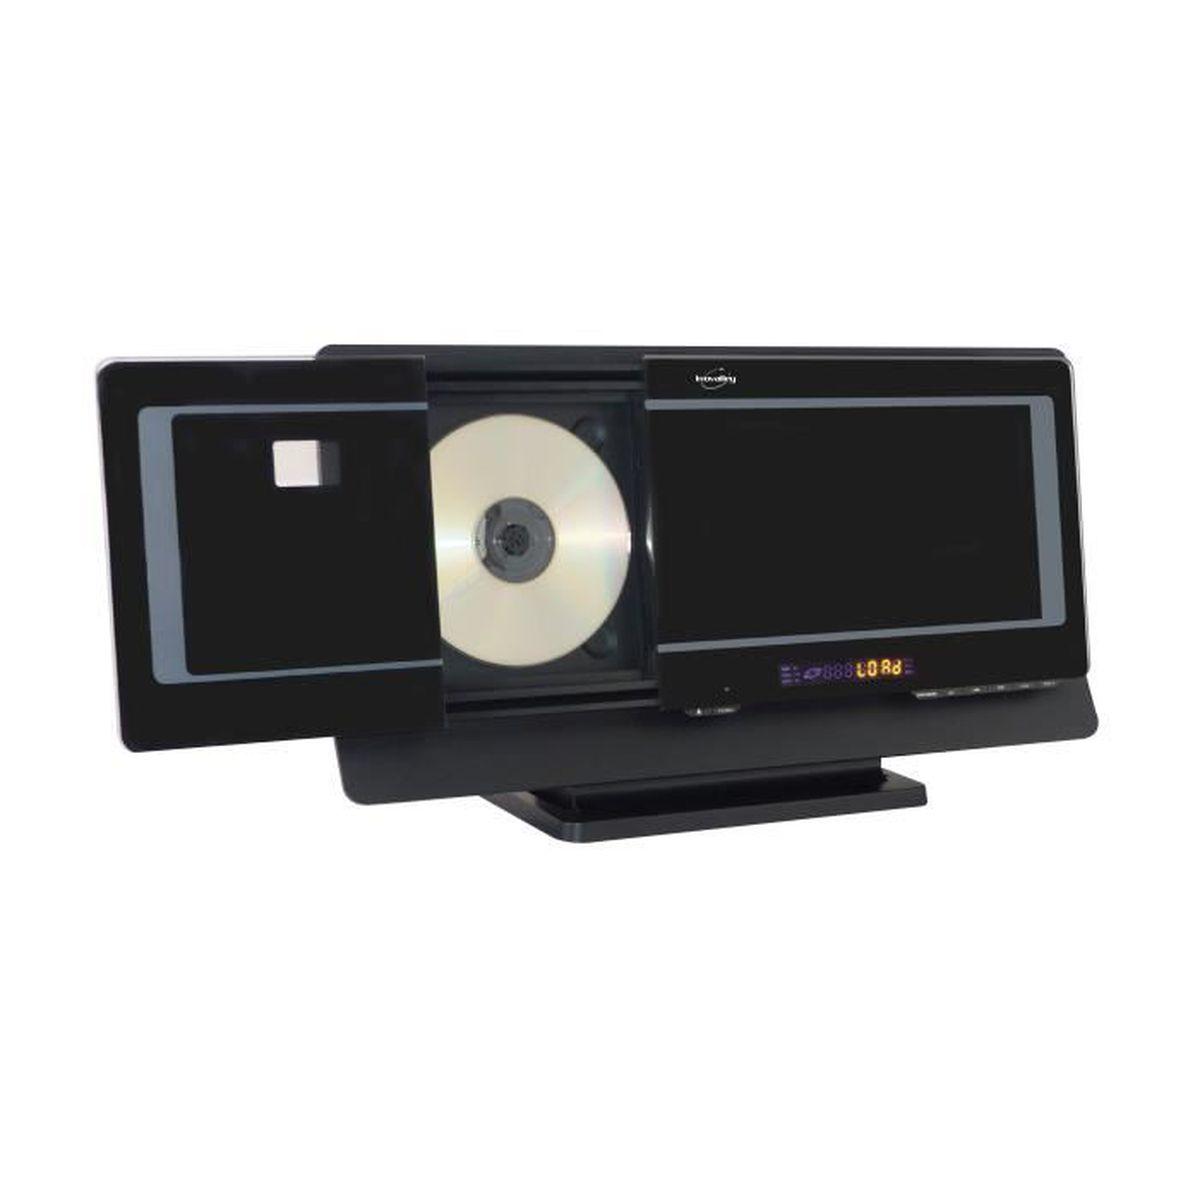 Meuble Tv Hifi Intégré chaine hifi lecteur dvd- cd bluetooth ch32dvd - meuble hifi